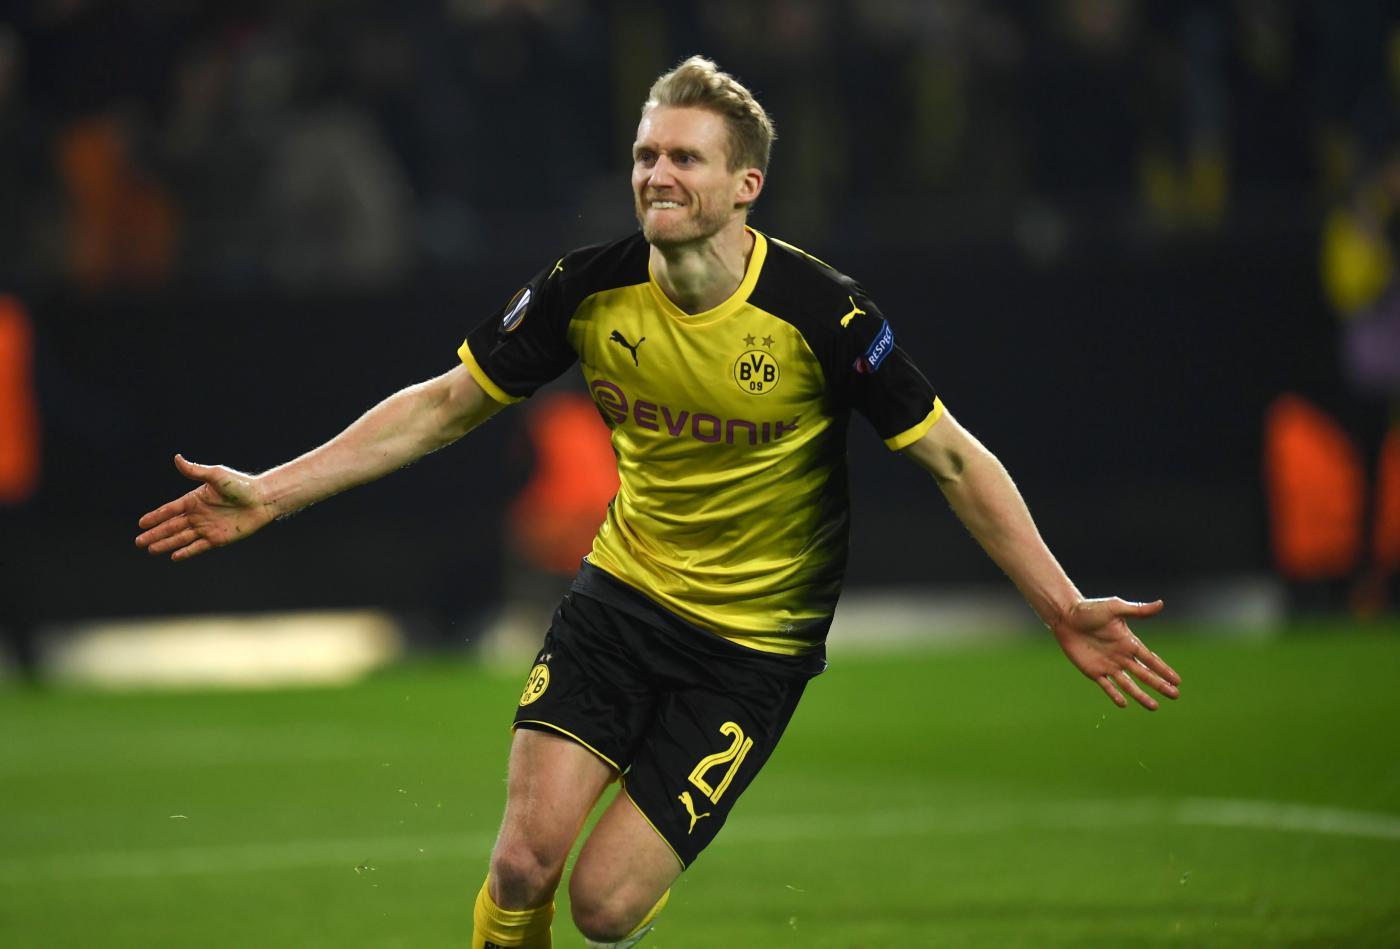 Mercato Lazio 7 giugno: il centrocampista offensivo tedesco sarebbe stato offerto al club biancoceleste. La Lazio accetterà?